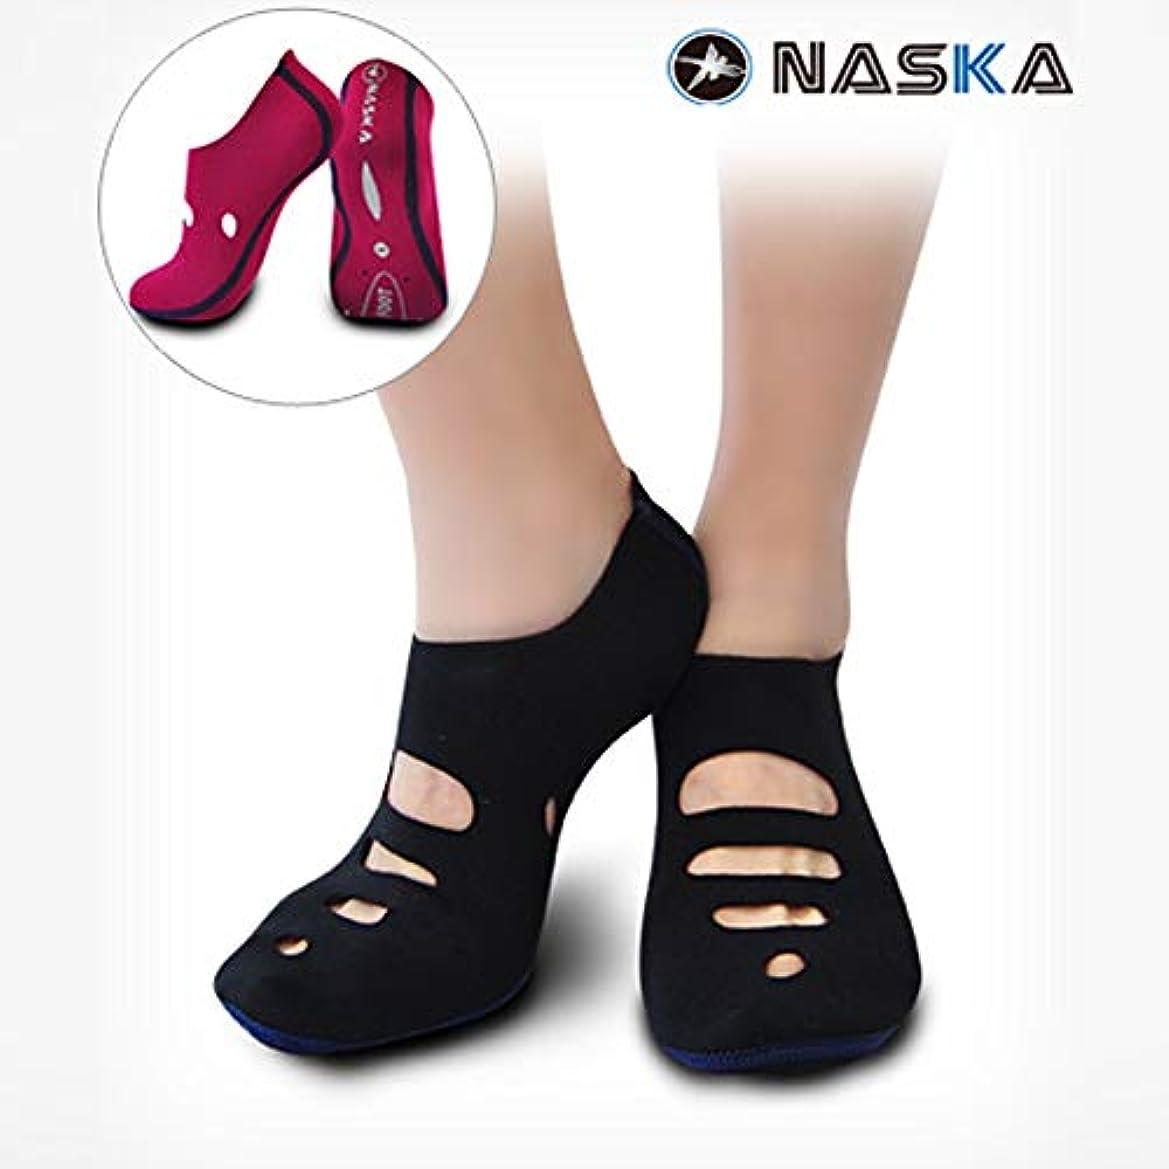 大佐持続的懐疑論NaskaFoot かかとケア かかとサポーター 両足用 角質ケア かかと靴下 角質ケア、保温、保湿を一つにした多機能ソックス 潜水服素材のネオプレン使用 弾力性と柔軟性に富んだ靴下 両面使用